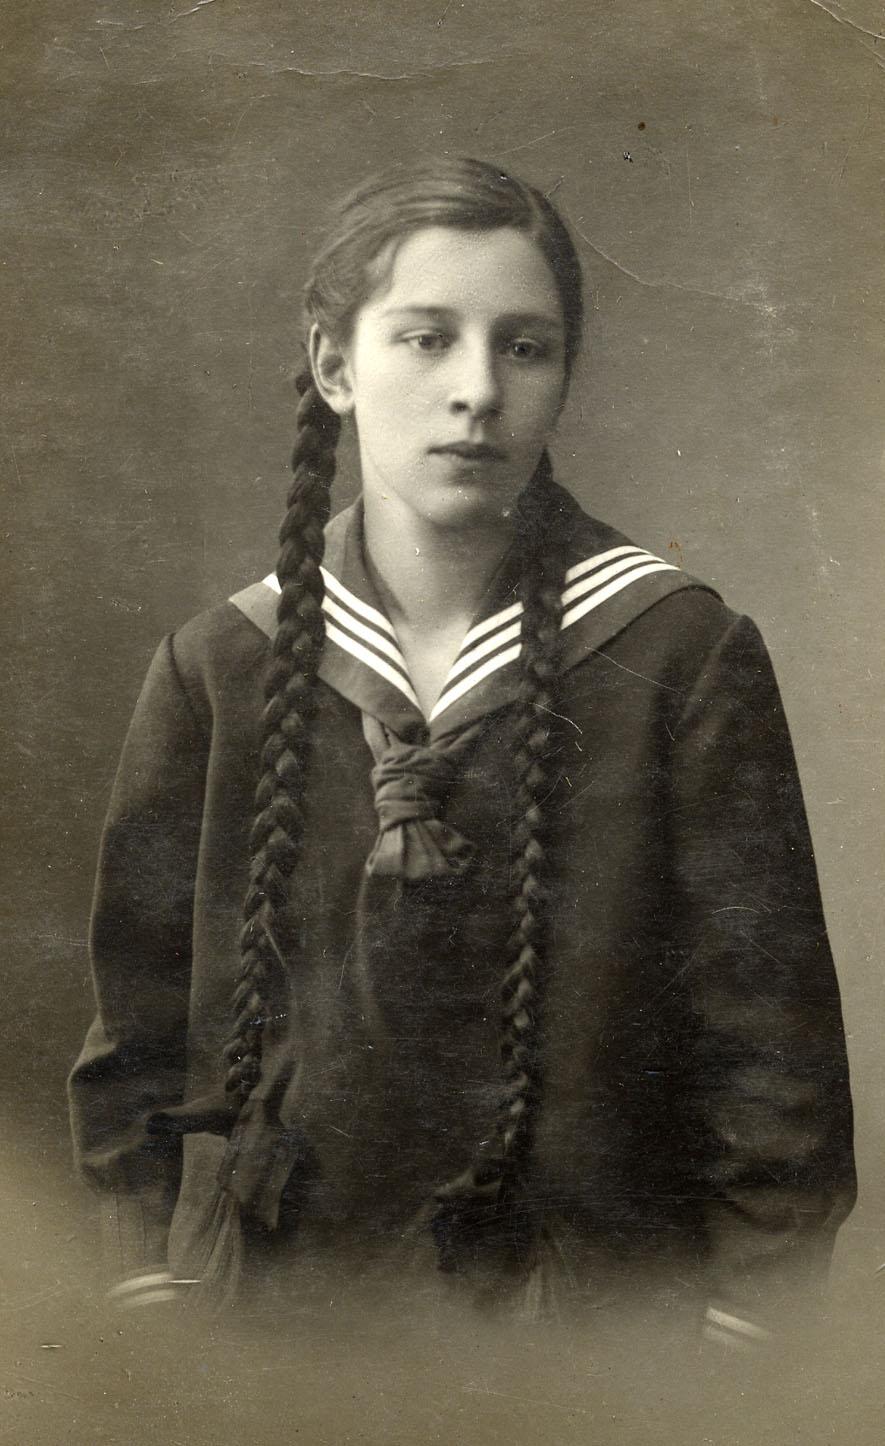 Портрет подруги А.М.Яковлевой - Нины Емельяновой. 1914-1916